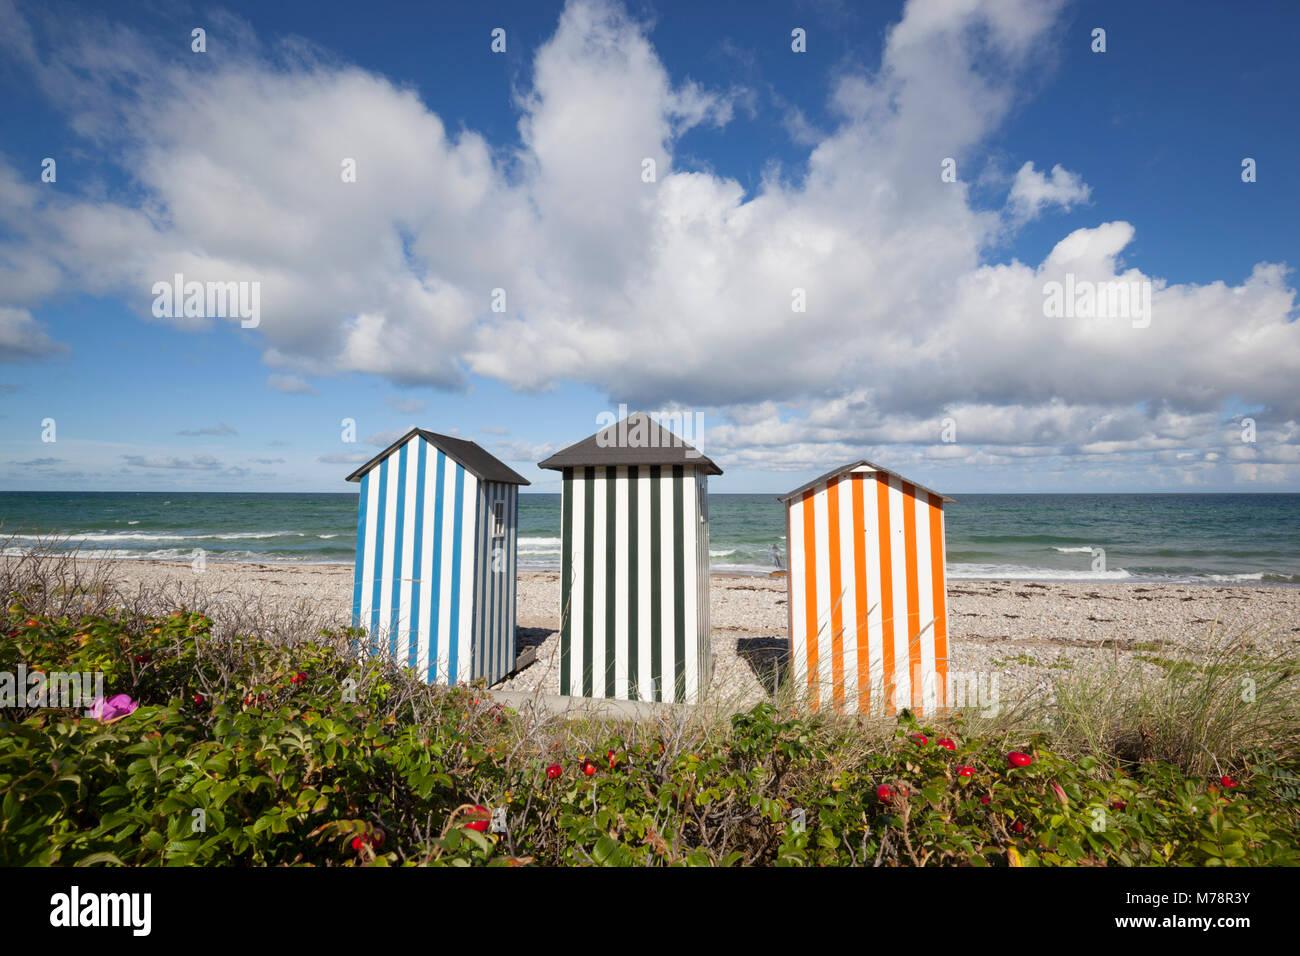 Coloridas casetas de playa en la playa de guijarros con el azul del mar y el cielo con nubes, Rageleje, Kattegat Imagen De Stock